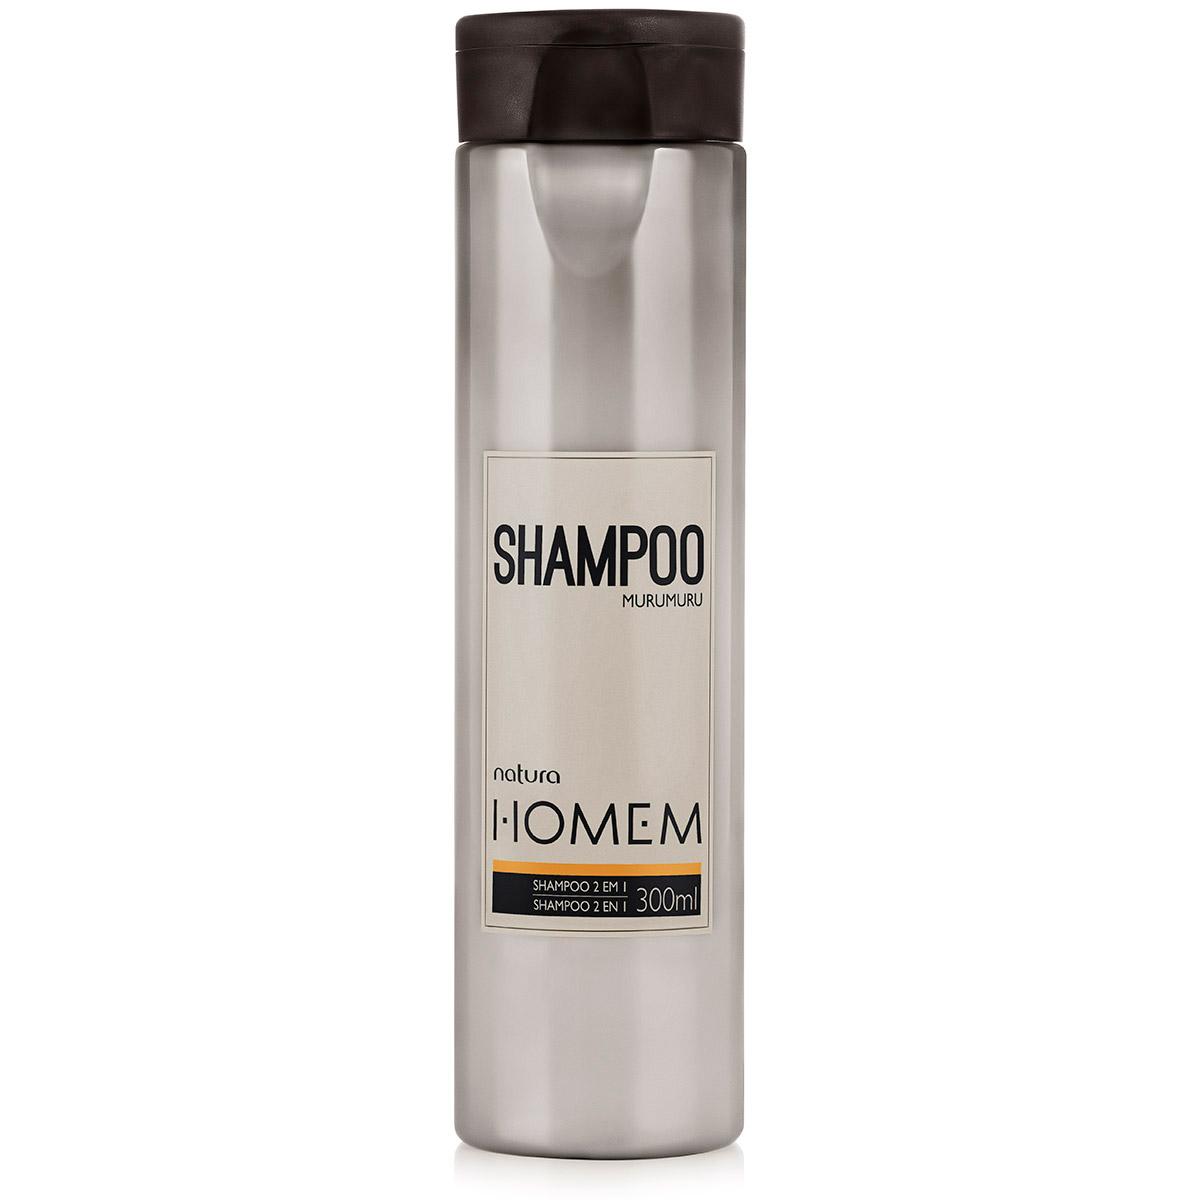 Shampoo 2 em 1 Natura Homem - 300ml - 78904